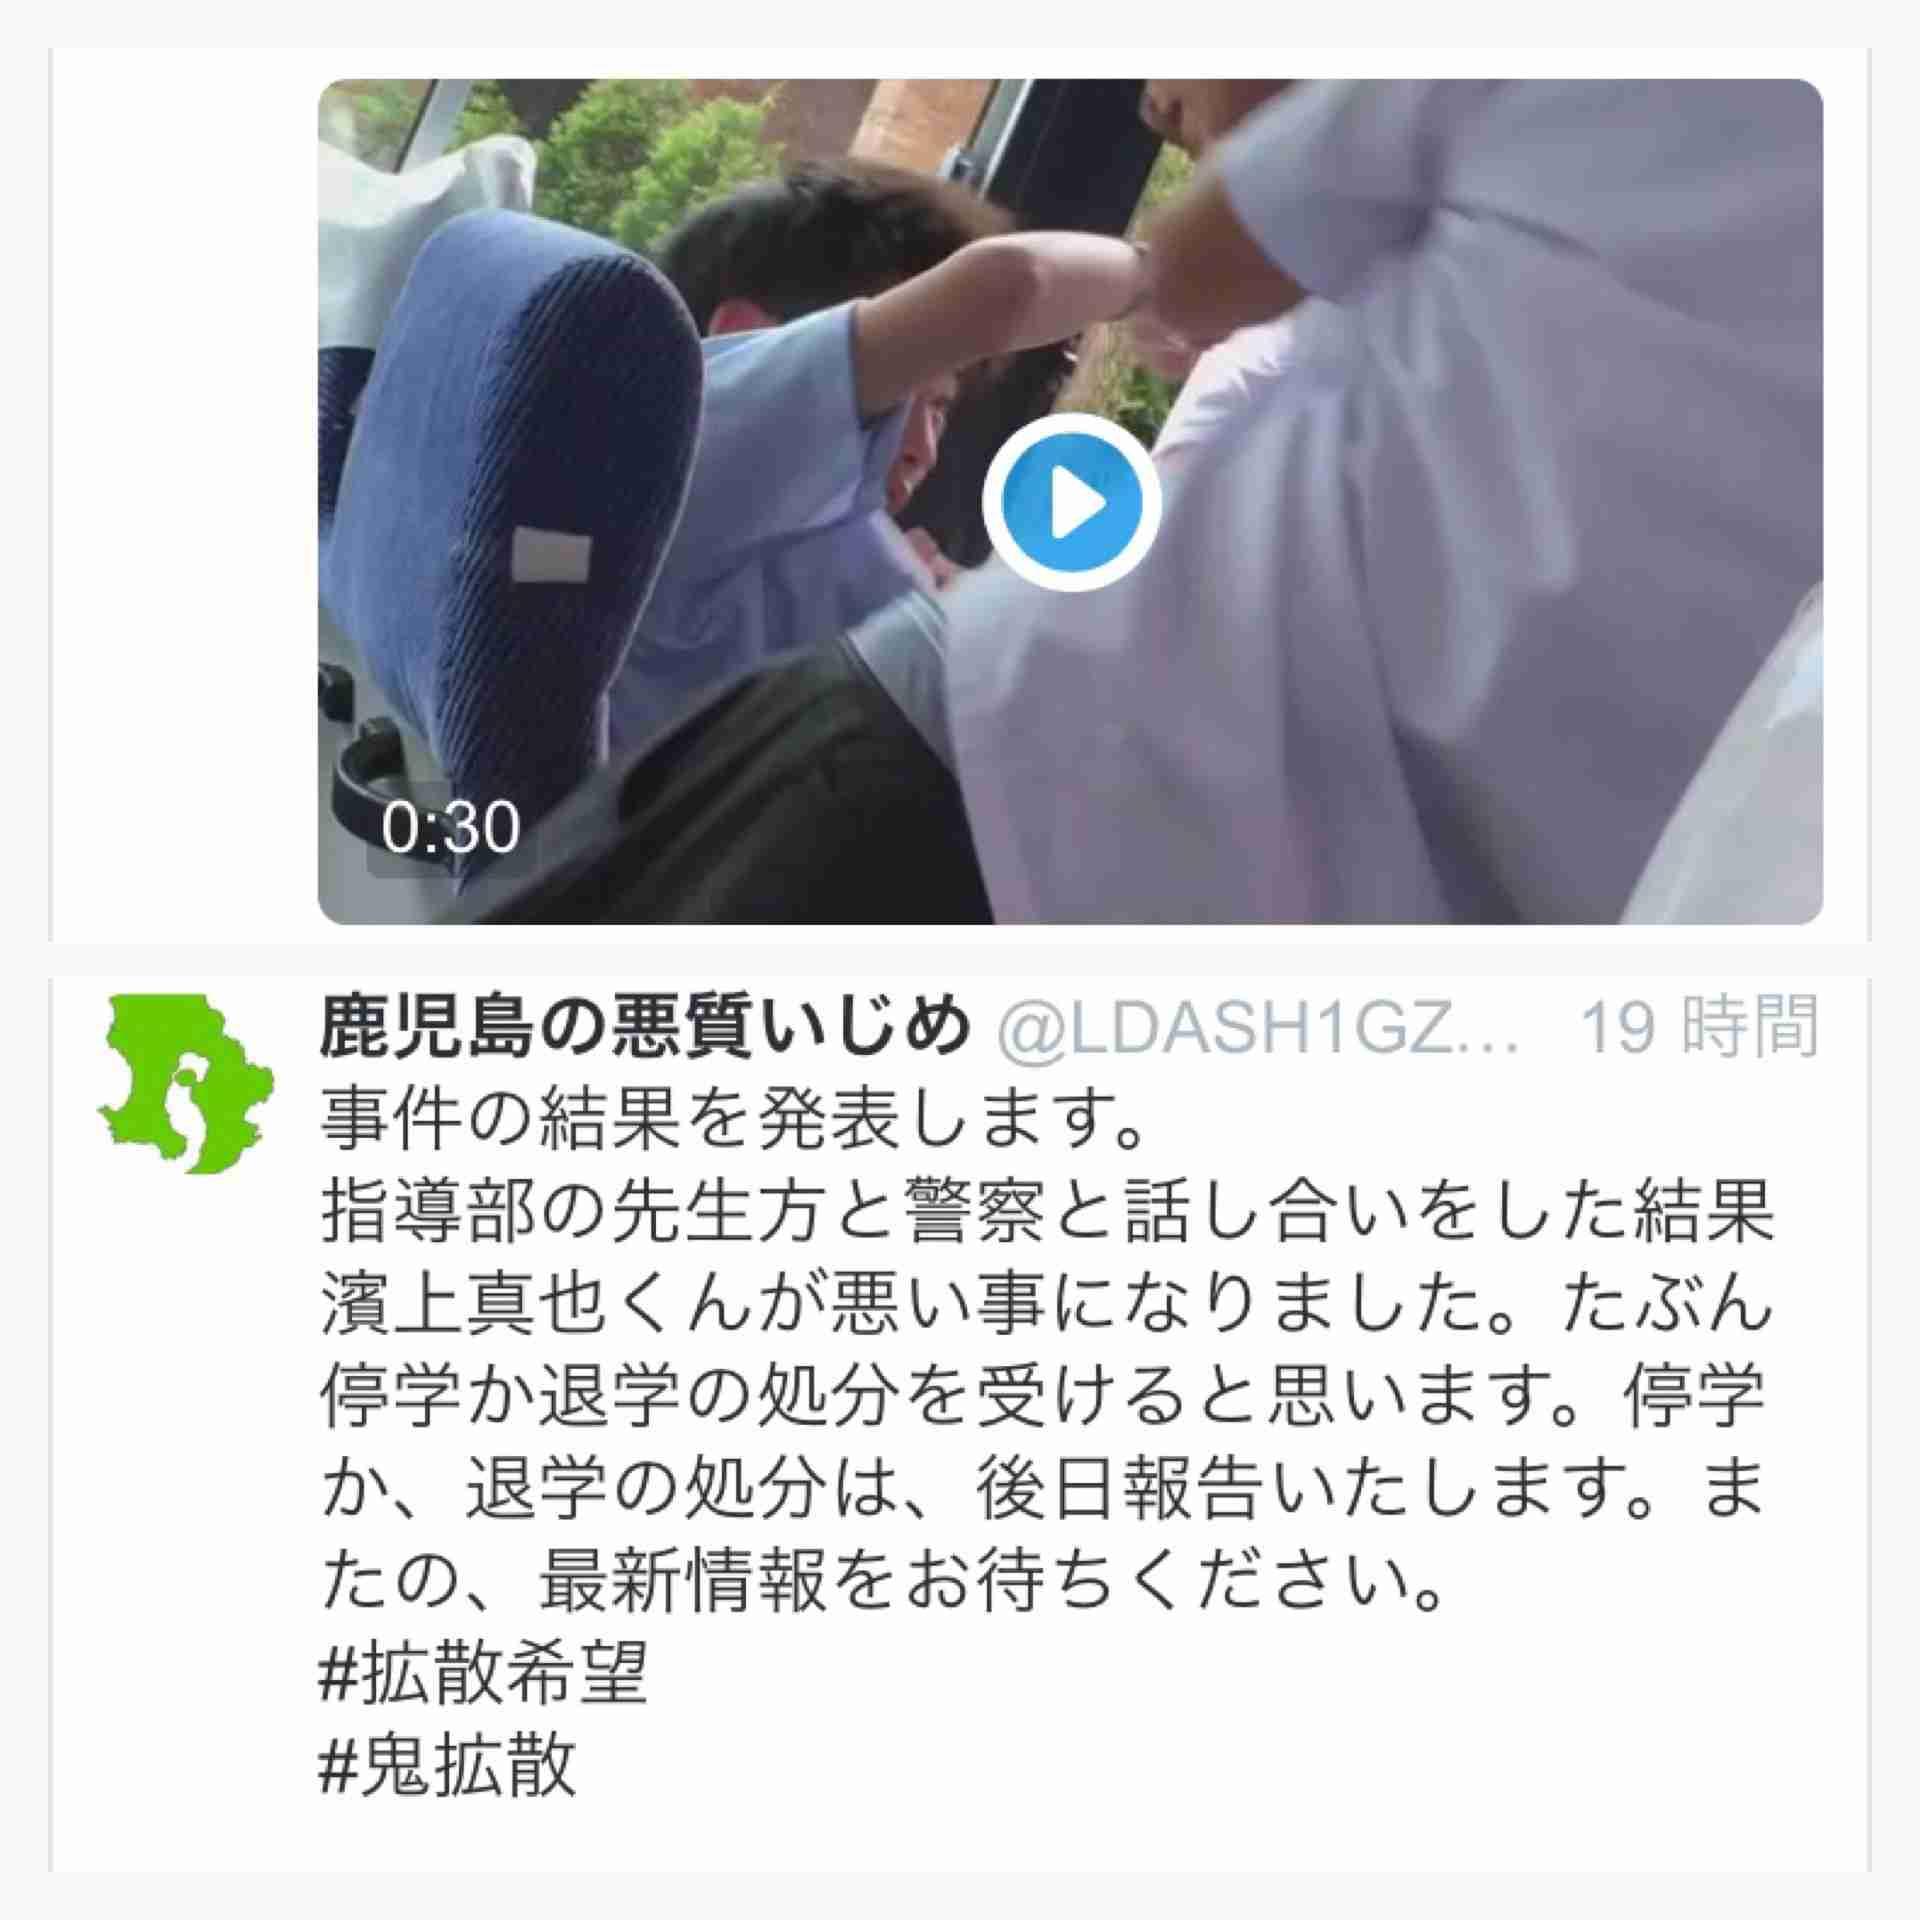 【炎上】ネットで「いじめ動画」が流出!すぐさま学校に通報される騒動!